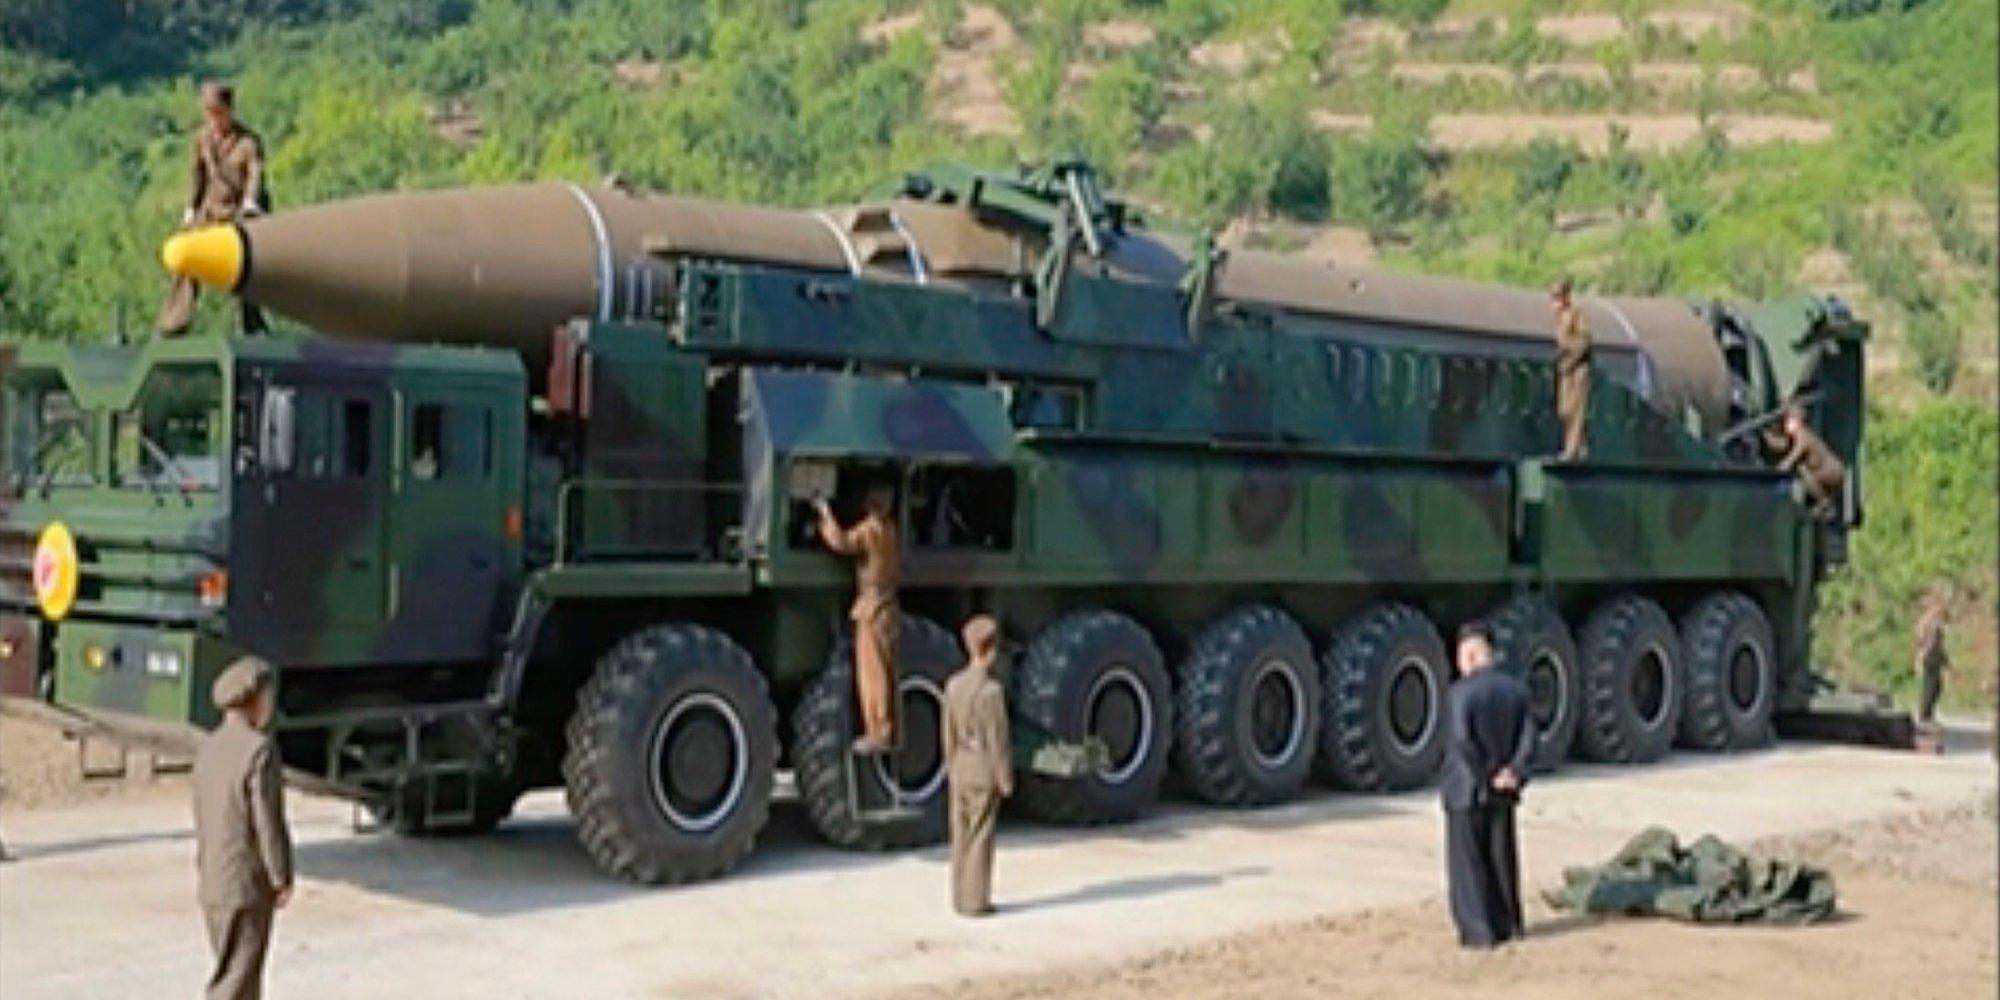 Tình hình căng thẳng trên bán đảo Triều Tiên chiều 07-08-2017